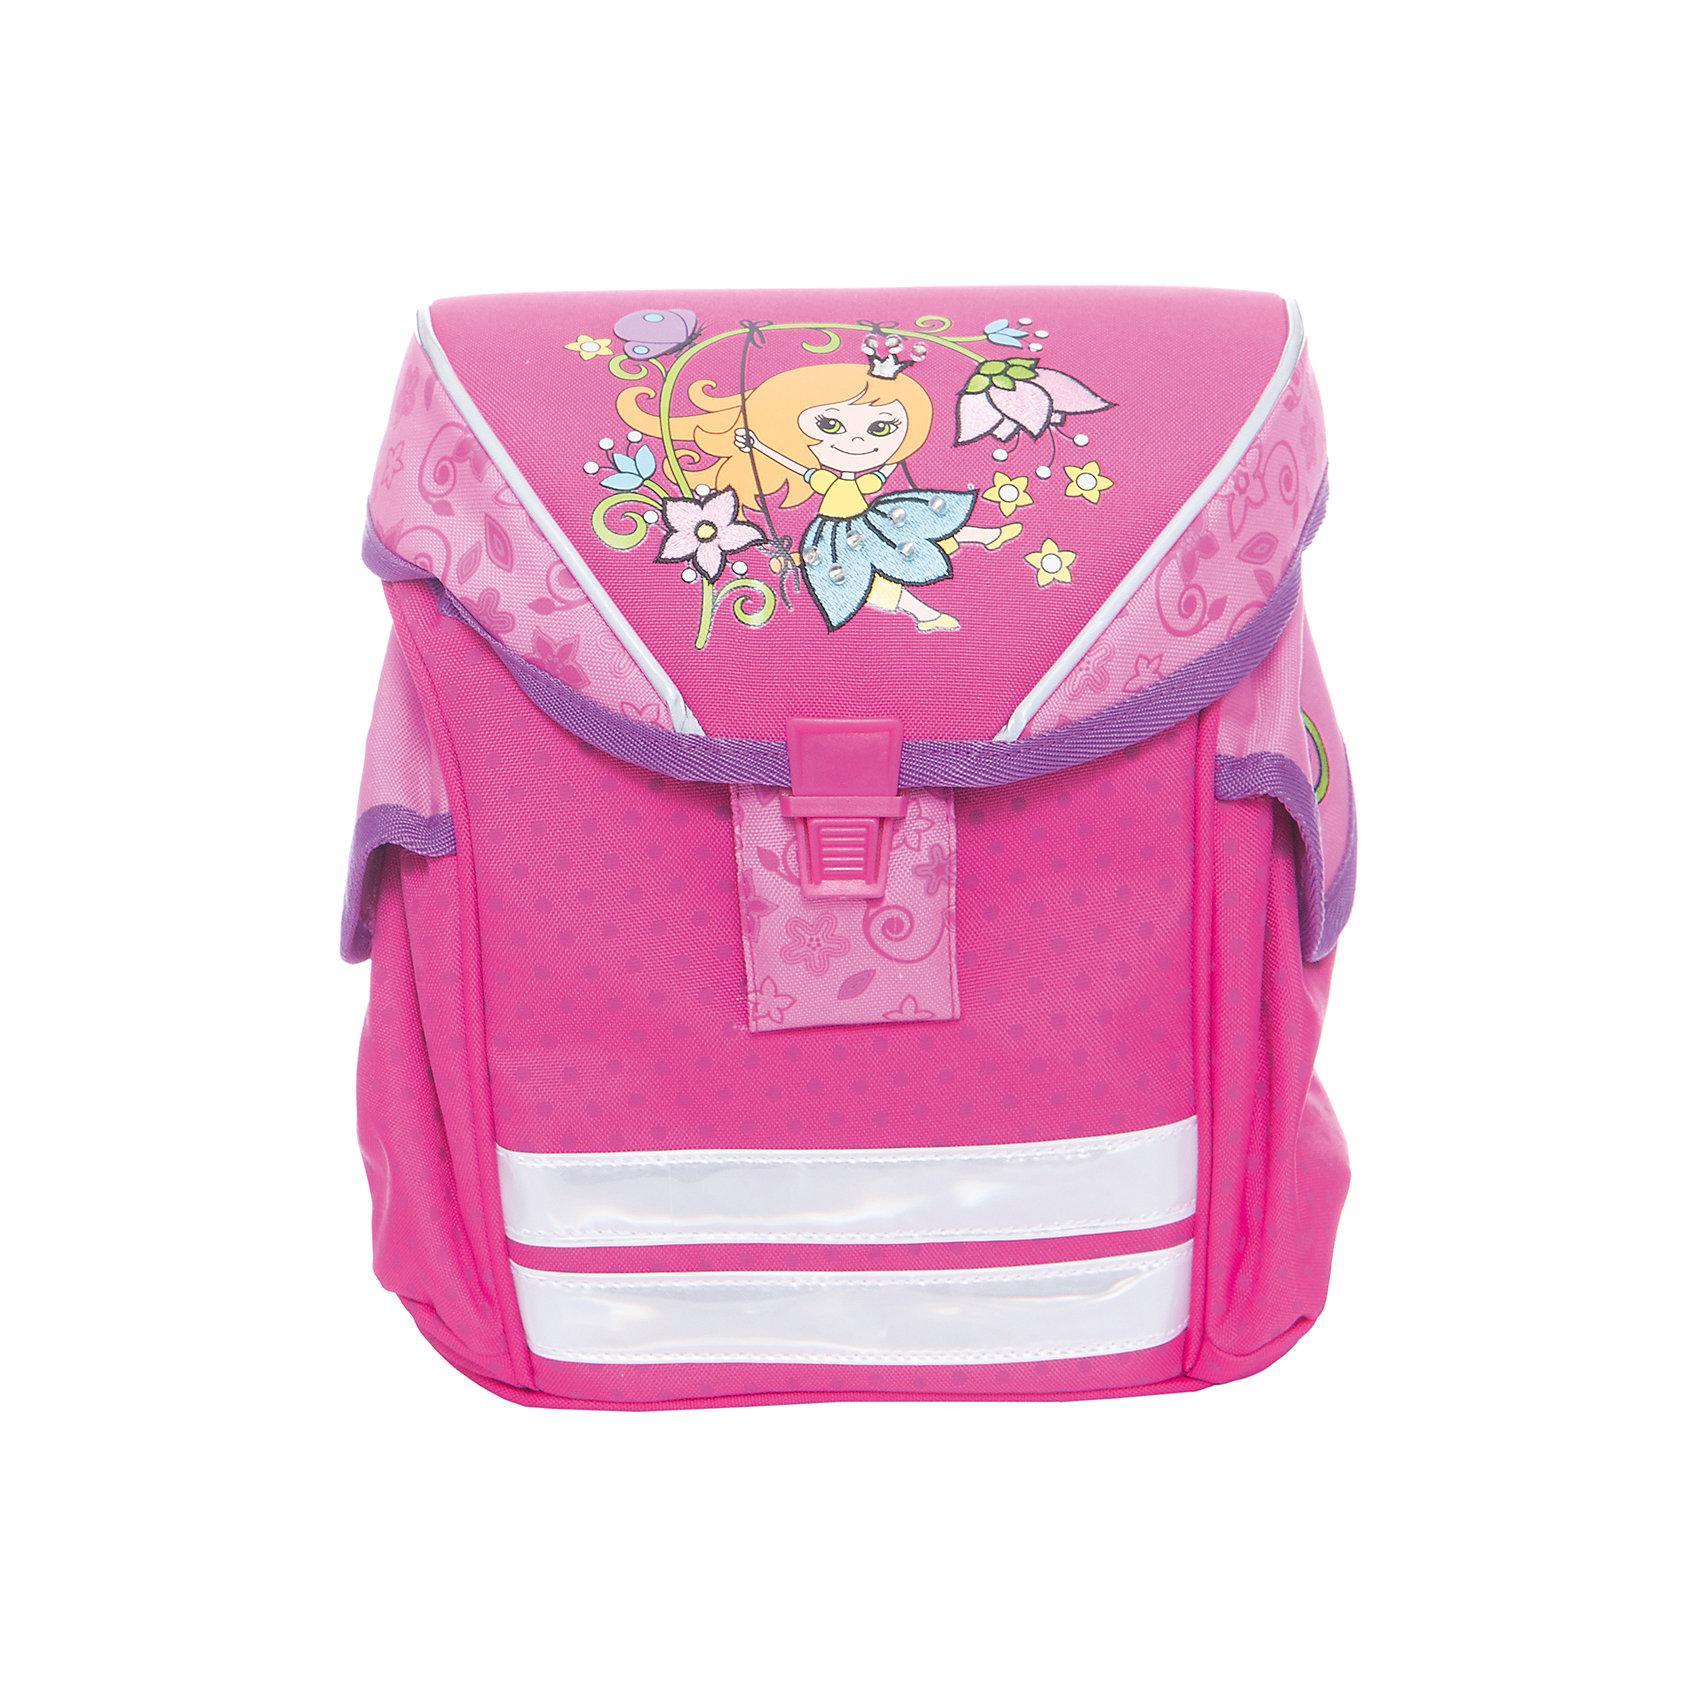 Дошкольный рюкзак Принцесса, модель Funny Ergo, ErichKrauseДетские рюкзаки<br>Характеристики товара:<br><br>• цвет: розовый<br>• материал: текстиль, полиэстер, пластик<br>• возраст: от 3 лет<br>• без наполнения<br>• жесткая вставка в спинке обеспечивает комфортную носку и правильное положение позвоночника;<br>• широкие лямки гарантируют удобную посадку и не натирают плечи;<br>• крышка откидывается полностью, облегчая доступ к содержимому;<br>• пластиковый надежный замок;<br>• лямки регулируются под рост ребенка или одетого в теплую одежду;<br>• просторное внутреннее отделение с небольшим кармашком для мелочей, ключей или телефона;<br>• по бокам 2 больших кармана для бутылочки с водой;<br>• светоотражающие полосы на передней части для видимости в темное время суток.<br>• вес: 330 г<br>• размер рюкзака: 25х19х11 см<br>• страна производитель: Китай<br><br>Модный и вместительный рюкзак – необходимая обновка для нового школьного сезона. Прочная и качественная модель отлично подойдет, чтобы поместить все учебники и тетради. У модели специальная вставка на спине, снижающая нагрузку на позвоночник.<br><br>Мини-ранец Artberry Принцесса модель Funny Ergo можно купить в нашем интернет-магазине.<br><br>Ширина мм: 230<br>Глубина мм: 100<br>Высота мм: 250<br>Вес г: 485<br>Возраст от месяцев: 36<br>Возраст до месяцев: 2147483647<br>Пол: Женский<br>Возраст: Детский<br>SKU: 5409370